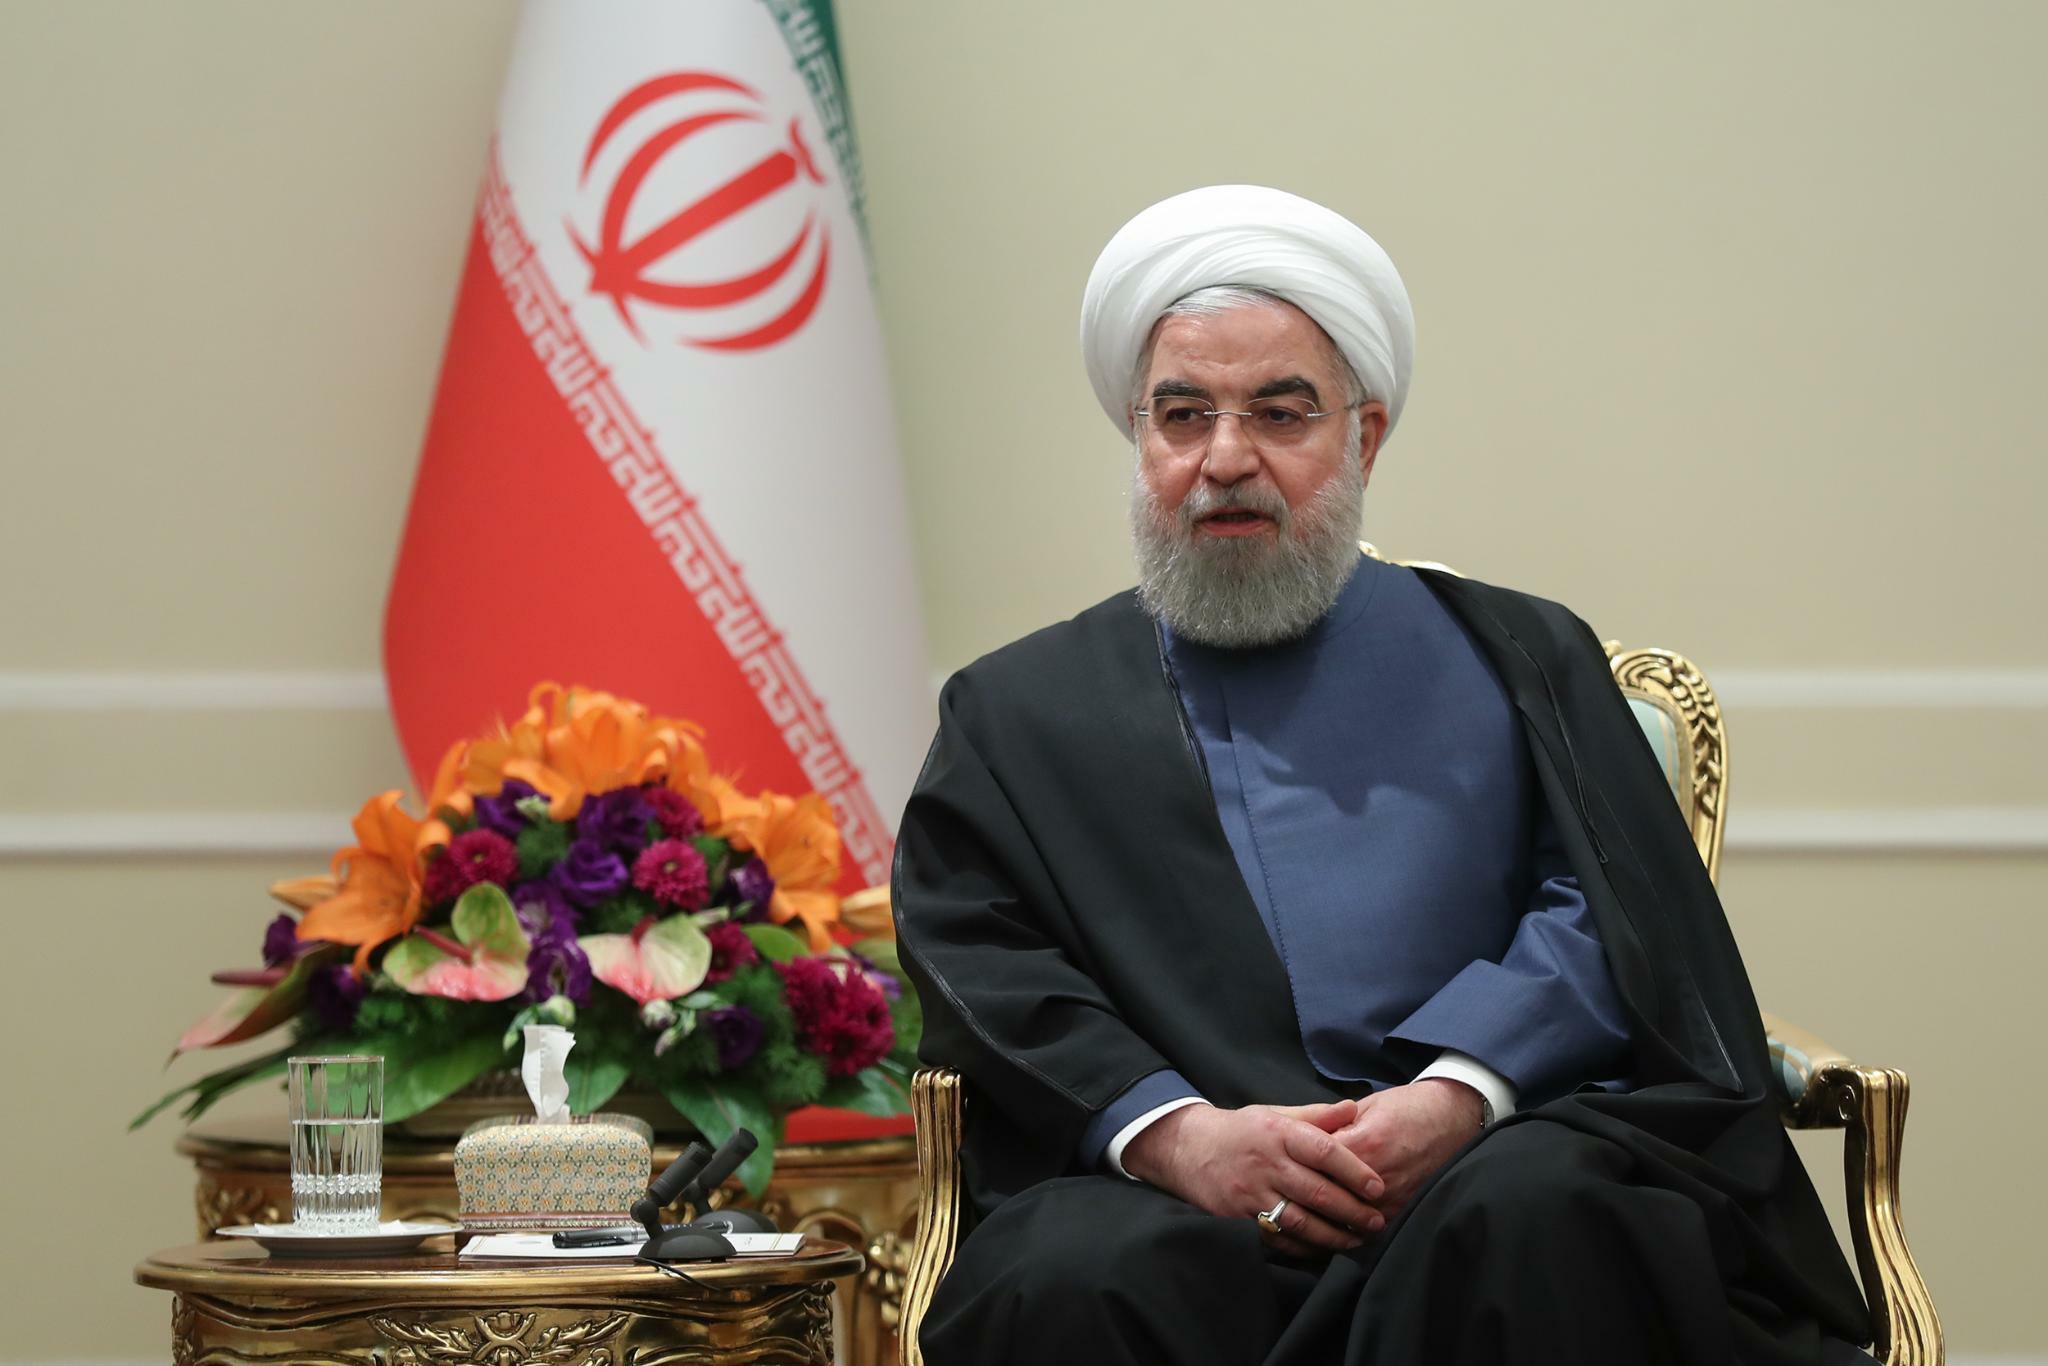 Nach Benzinpreiserhöhung: Irans Präsident verteidigt erneut umstrittene Benzin-Politik